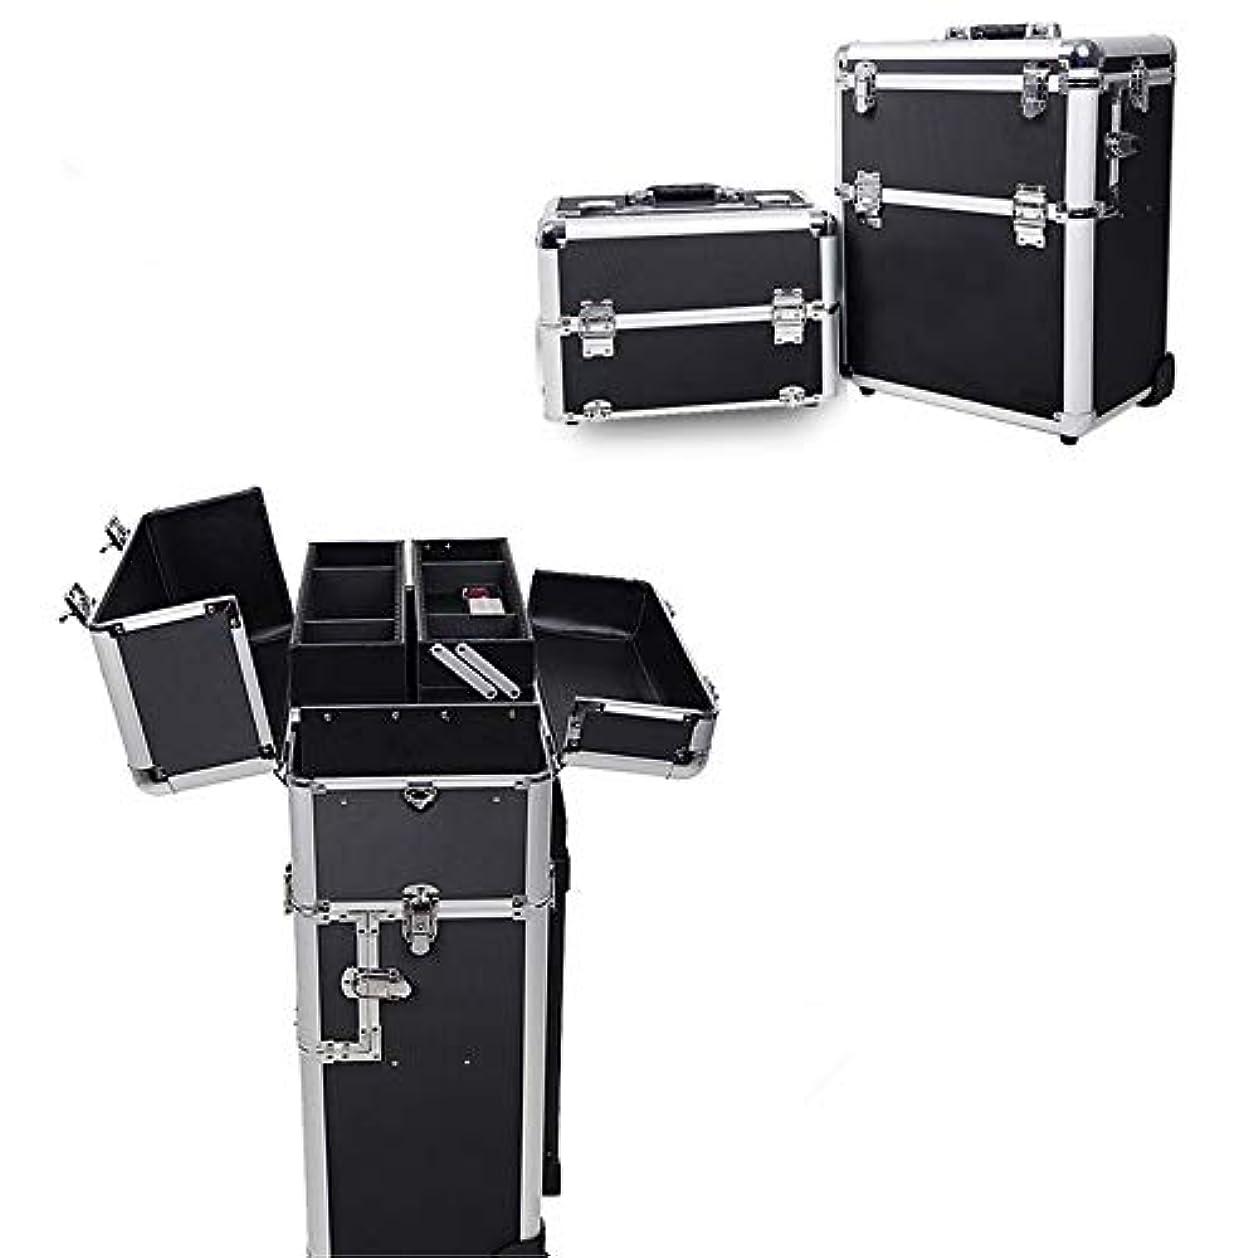 無視ブルーベルバイパス化粧オーガナイザーバッグ 旅行メイクバッグ3層スーツケースメイク化粧品バッグポータブルトイレタージュ化粧ケース 化粧品ケース